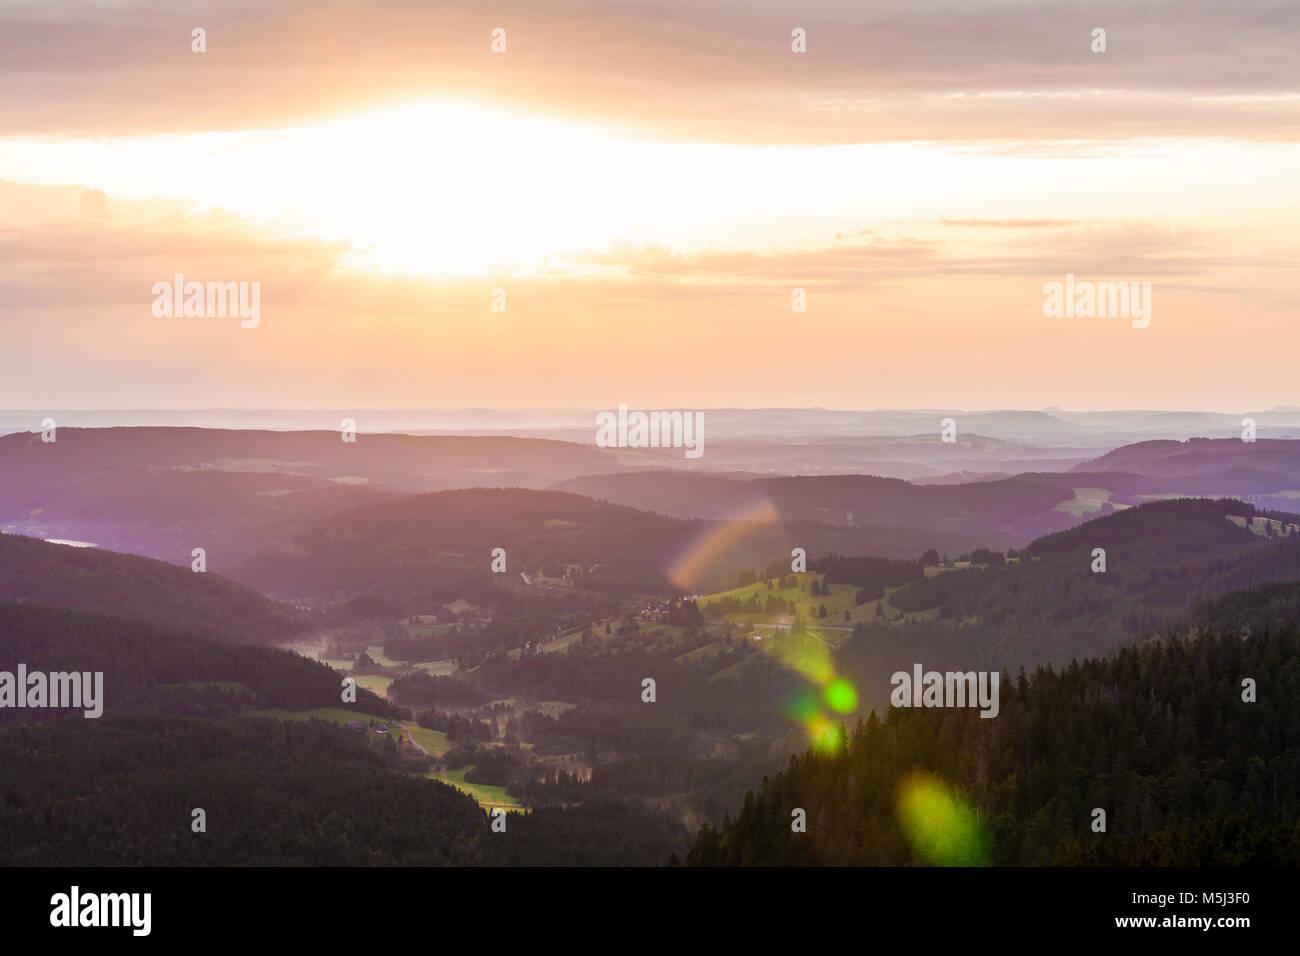 Deutschland, Baden-Württemberg, Schwarzwald, Hochschwarzwald, Blick vom Feldberg, Sonnenaufgang - Stock Image